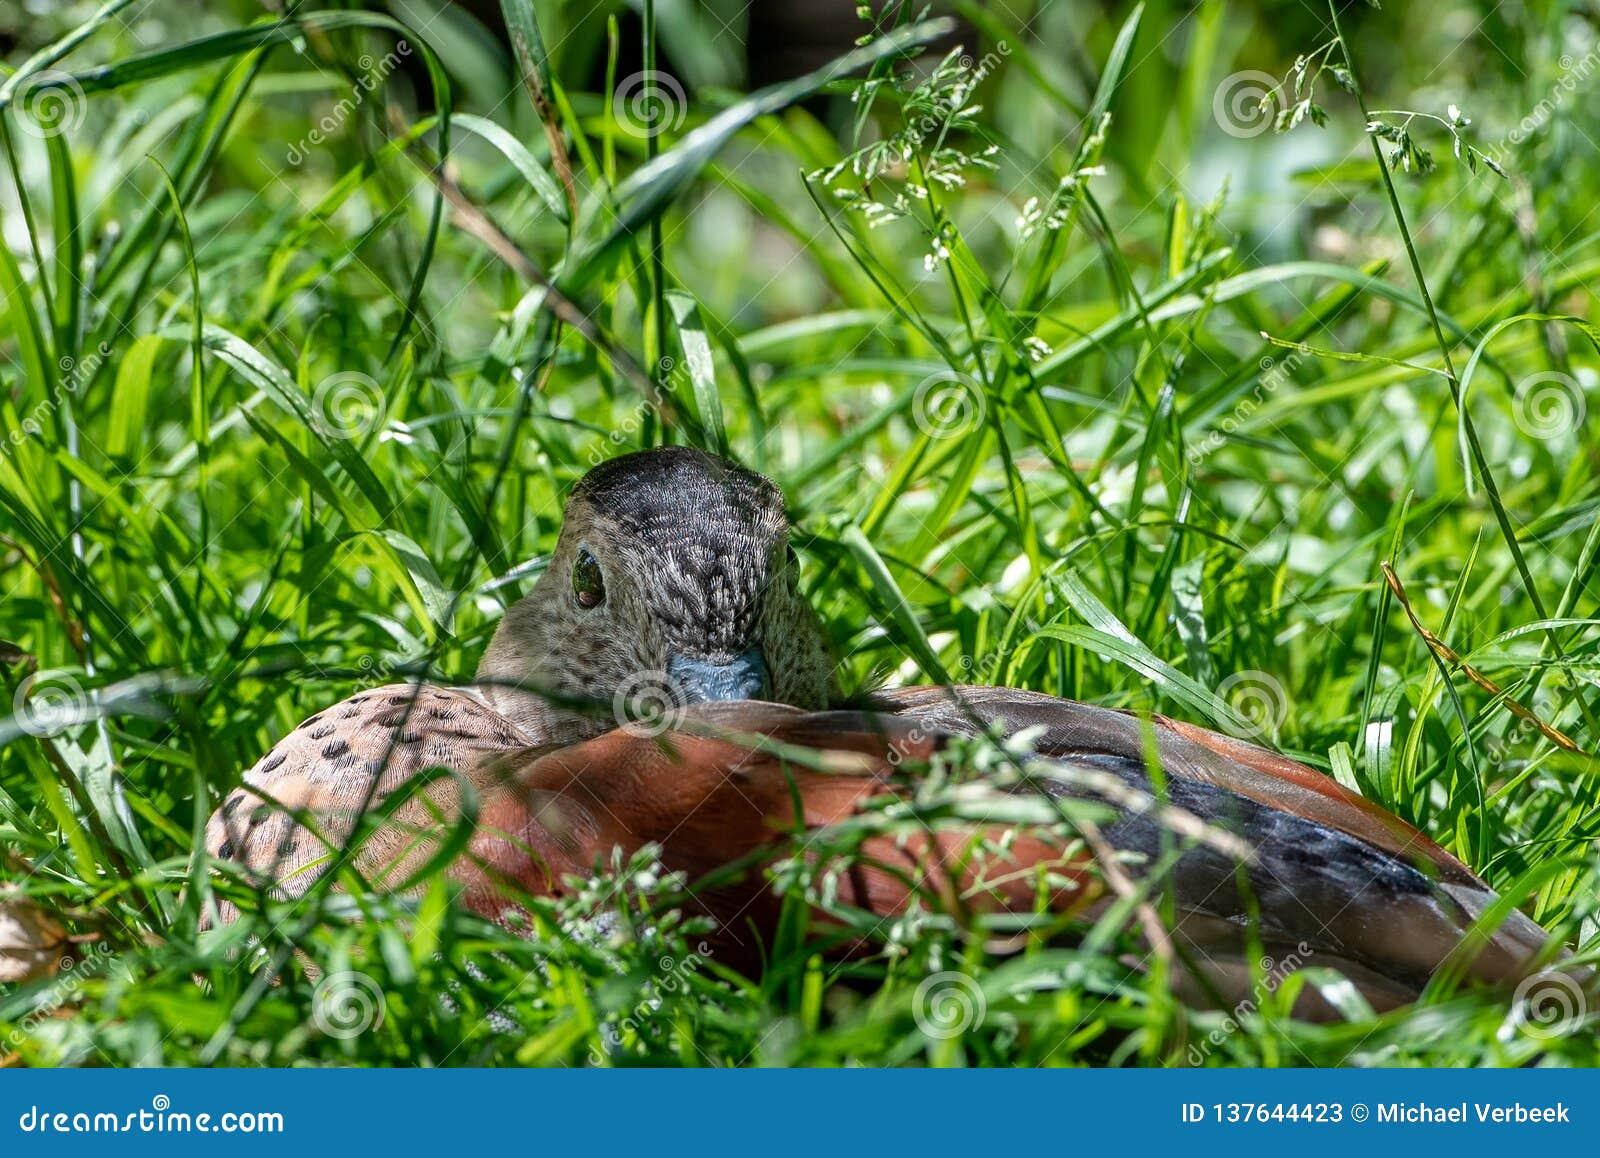 Un pato ocultado en la hierba